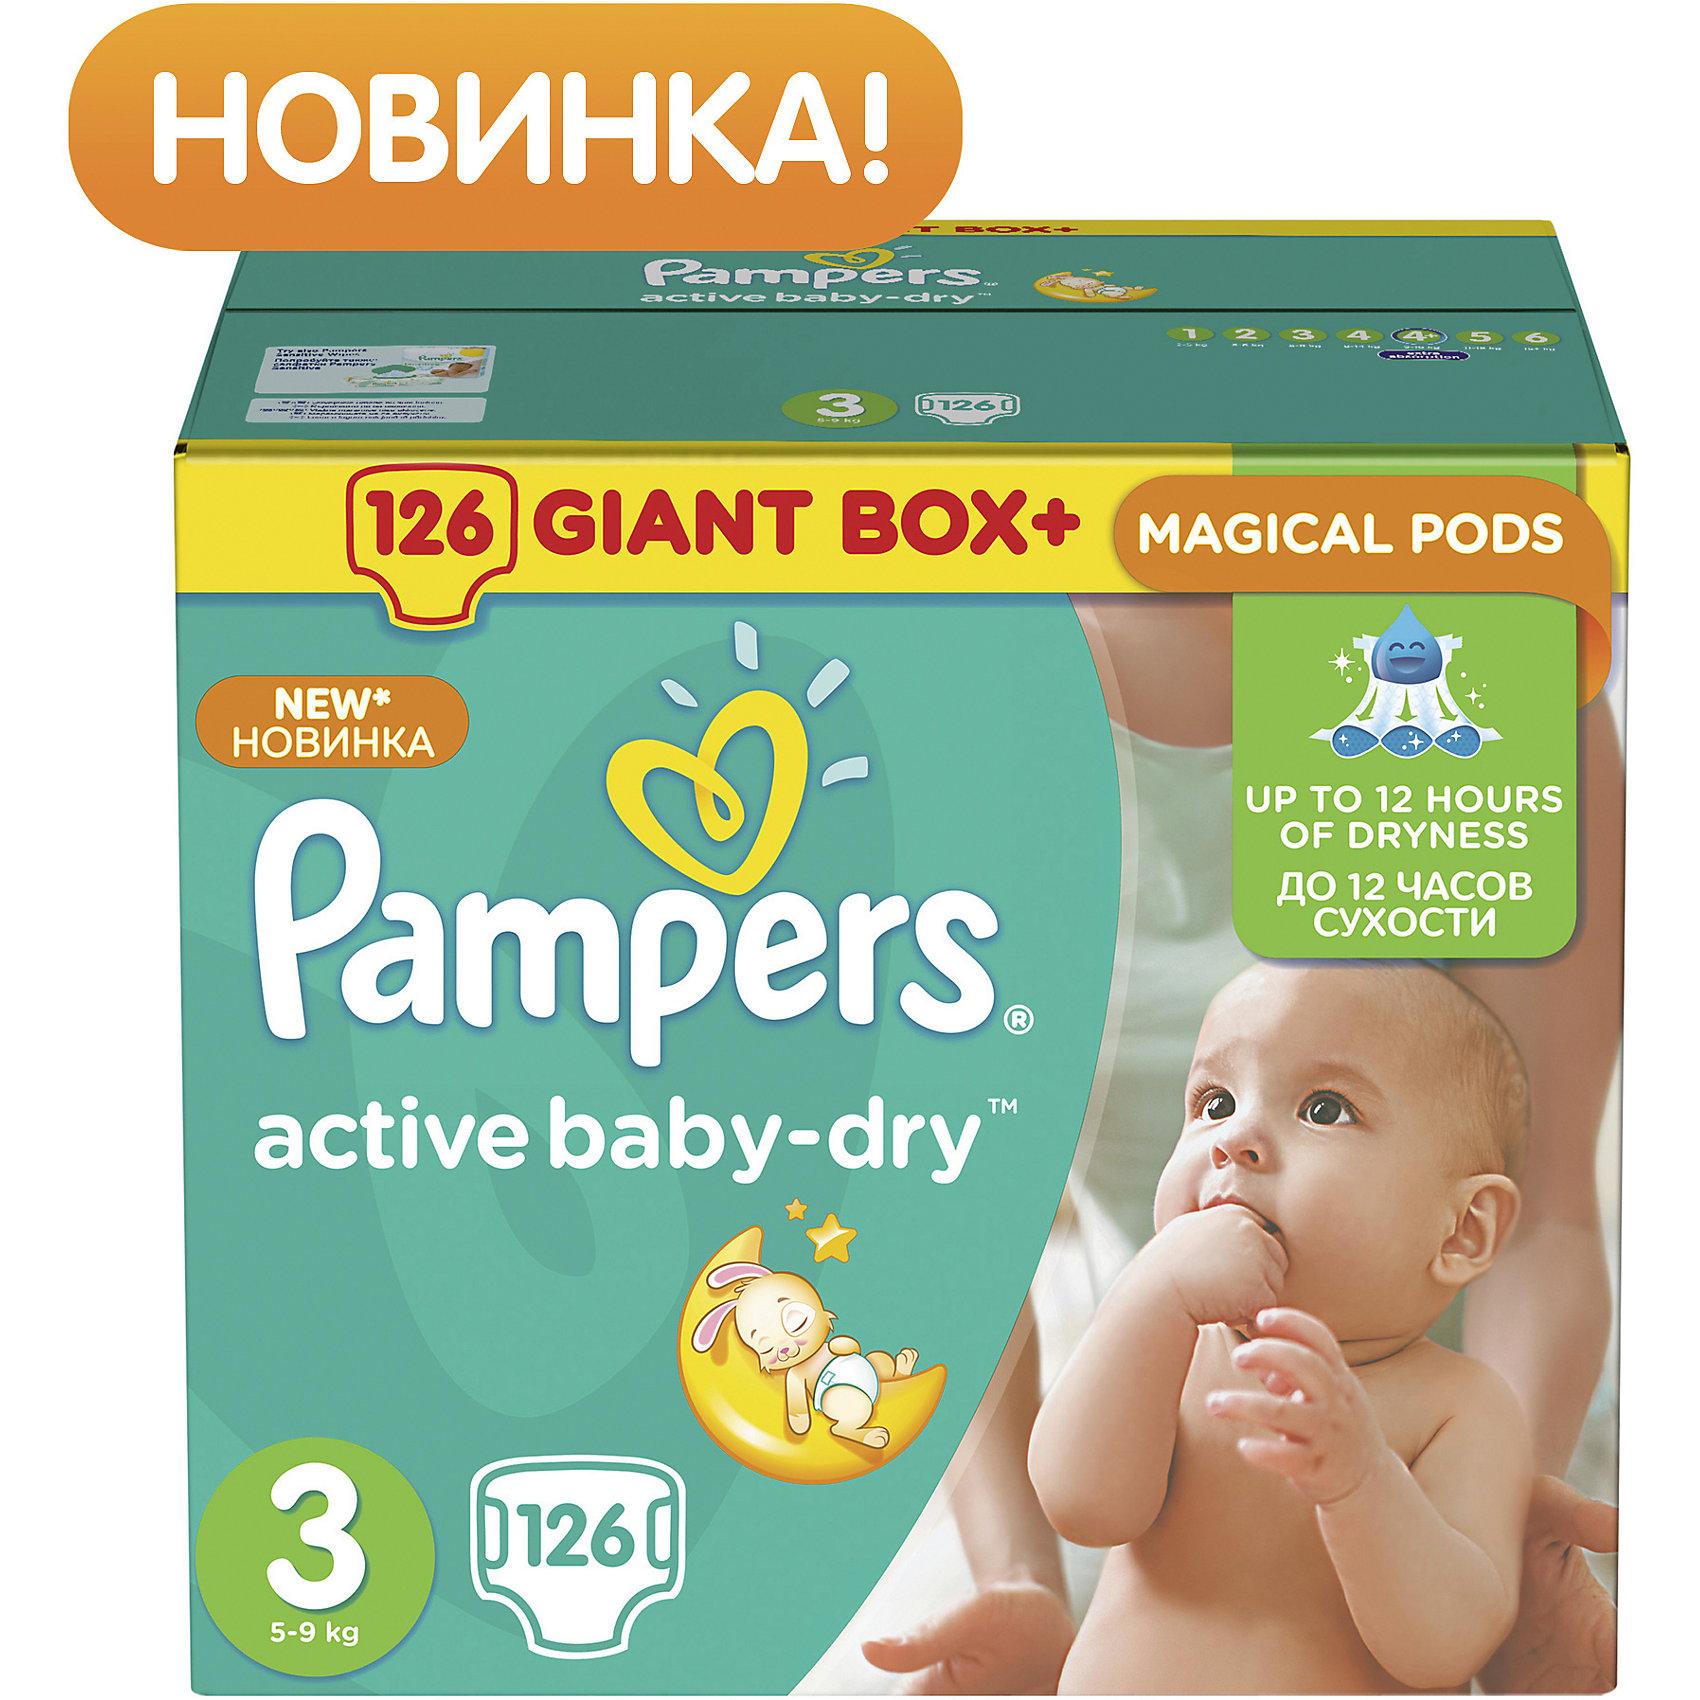 Подгузники Pampers Active Baby-Dry, 5-9 кг, 3 размер, 126 шт., PampersХарактеристики:<br><br>• Пол: универсальный<br>• Тип подгузника: одноразовый<br>• Коллекция: Active Baby-Dry<br>• Предназначение: для использования в любое время суток <br>• Размер: 3<br>• Вес ребенка: от 5 до 9 кг<br>• Количество в упаковке: 126 шт.<br>• Упаковка: картонная коробка<br>• Размер упаковки: 36*22*34,7 см<br>• Вес в упаковке: 3 кг 612 г<br>• Эластичные застежки-липучки<br>• Быстро впитывающий слой<br>• Мягкий верхний слой<br>• Сохранение сухости в течение 12-ти часов<br><br>Подгузники Pampers Active Baby-Dry, 5-9 кг, 3 размер, 126 шт., Pampers – это линейка классических детских подгузников от Pampers, которая сочетает в себе качество и безопасность материалов, удобство использования и комфорт для нежной кожи малыша. Подгузники предназначены для младенцев весом до 9 кг. Инновационные технологии и современные материалы обеспечивают этим подгузникам Дышащие свойства, что особенно важно для кожи малыша. <br><br>Впитывающие свойства изделию обеспечивает уникальный слой, состоящий из жемчужных микрогранул. У подгузников предусмотрена эластичная мягкая резиночка на спинке. Широкие липучки с двух сторон обеспечивают надежную фиксацию. Подгузник имеет мягкий верхний слой, который обеспечивает не только комфорт, но и защищает кожу ребенка от раздражений. Подгузник подходит как для мальчиков, так и для девочек. <br><br>Подгузники Pampers Active Baby-Dry, 5-9 кг, 3 размер, 126 шт., Pampers можно купить в нашем интернет-магазине.<br><br>Ширина мм: 360<br>Глубина мм: 220<br>Высота мм: 347<br>Вес г: 3612<br>Возраст от месяцев: 3<br>Возраст до месяцев: 12<br>Пол: Унисекс<br>Возраст: Детский<br>SKU: 5419084